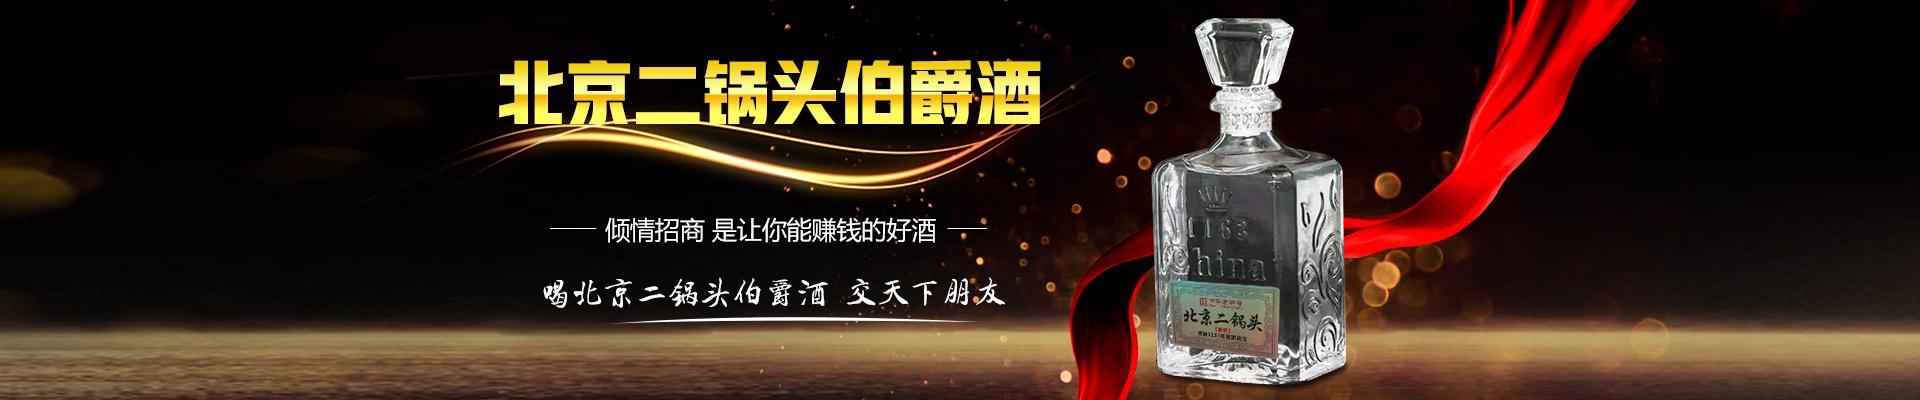 北京二锅头酒业伯爵事业部